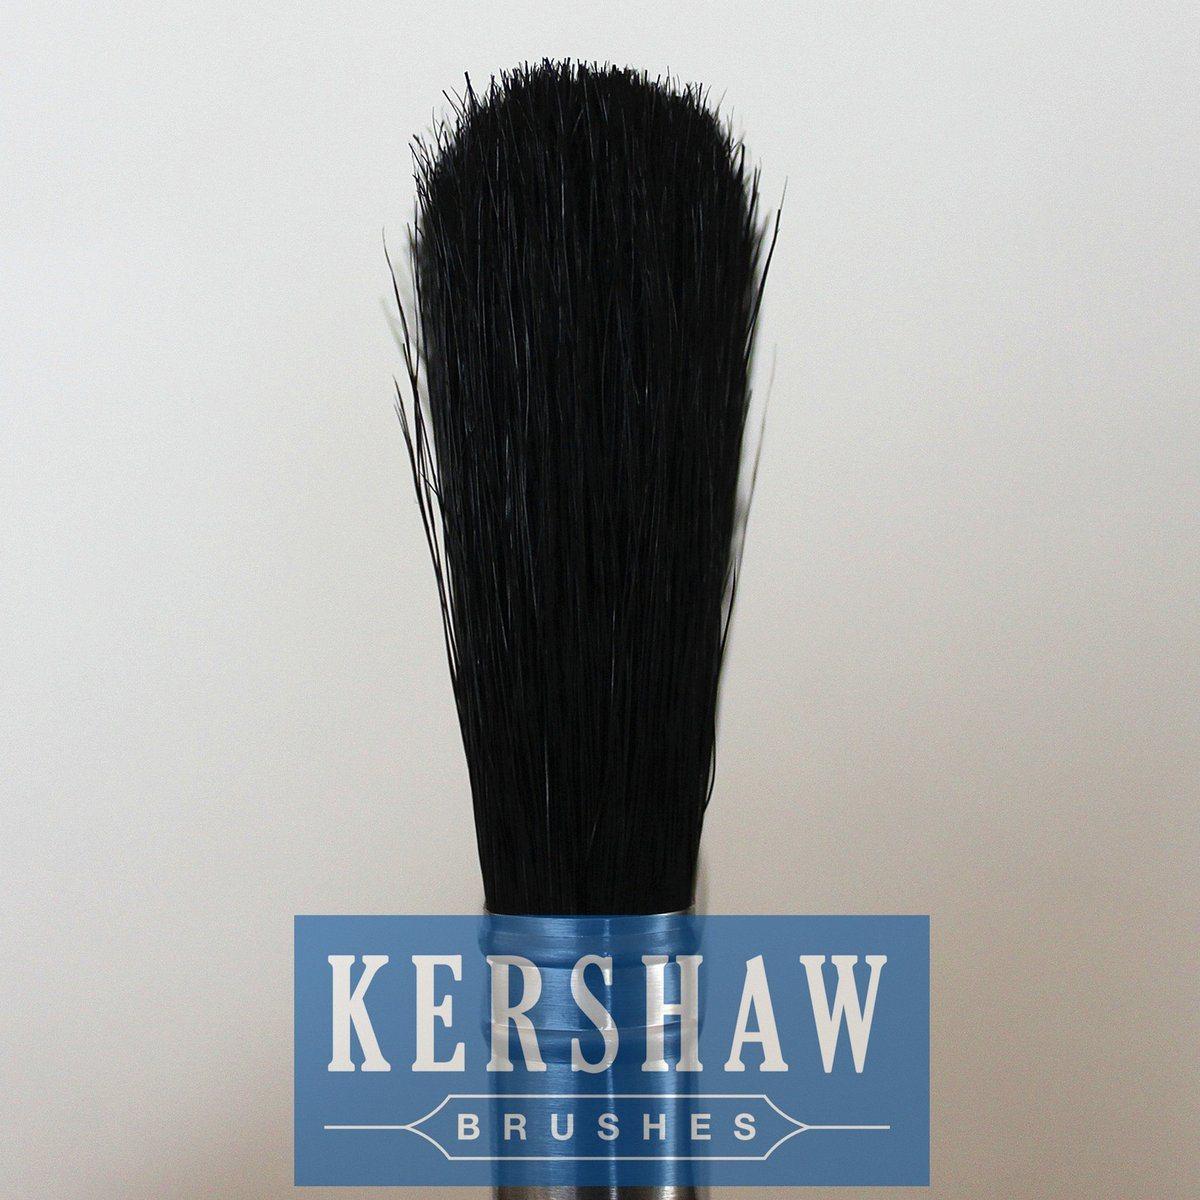 Paint Brush (paintbrush, pure black bristle flat brush with hard wood handle, flat brush)